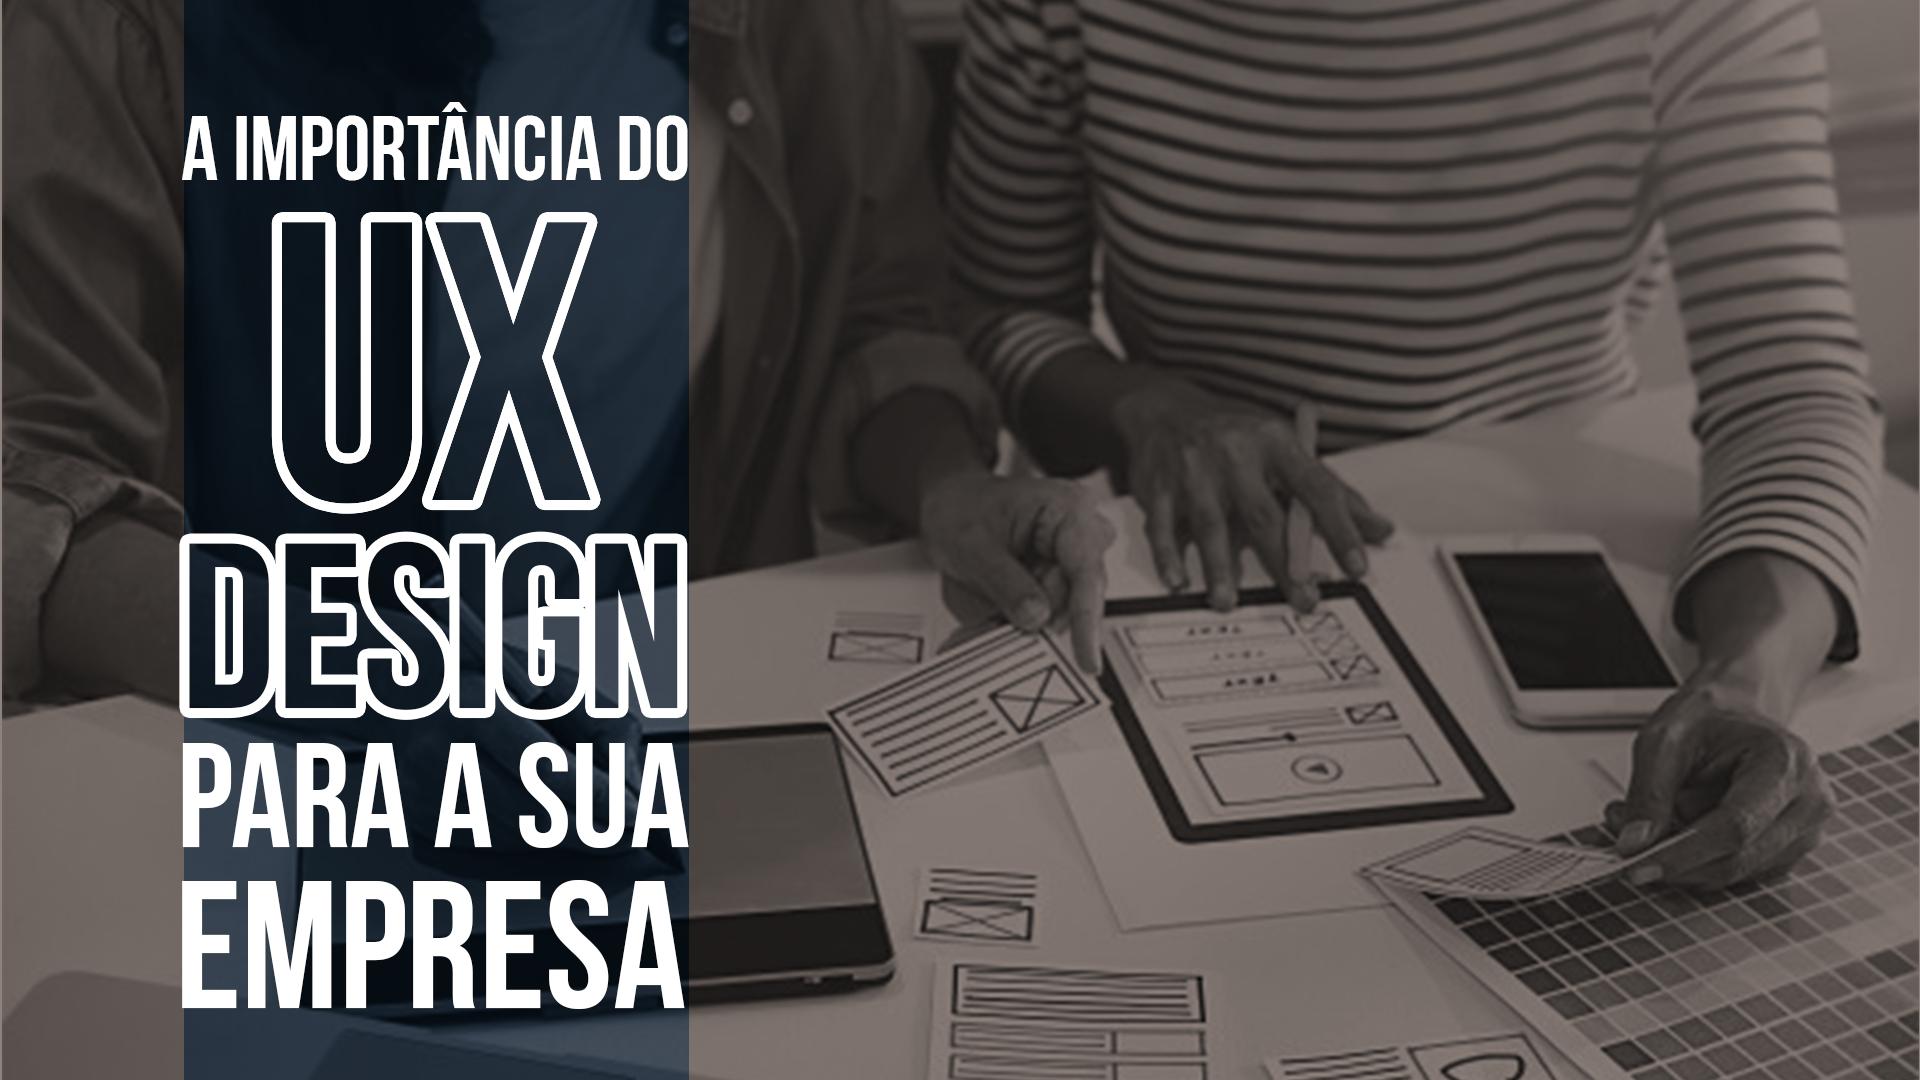 Entenda a importância do Design UX e porque ele é o futuro dos negócios. Tanto na criação de novos produtos quanto na comunicação da marca.